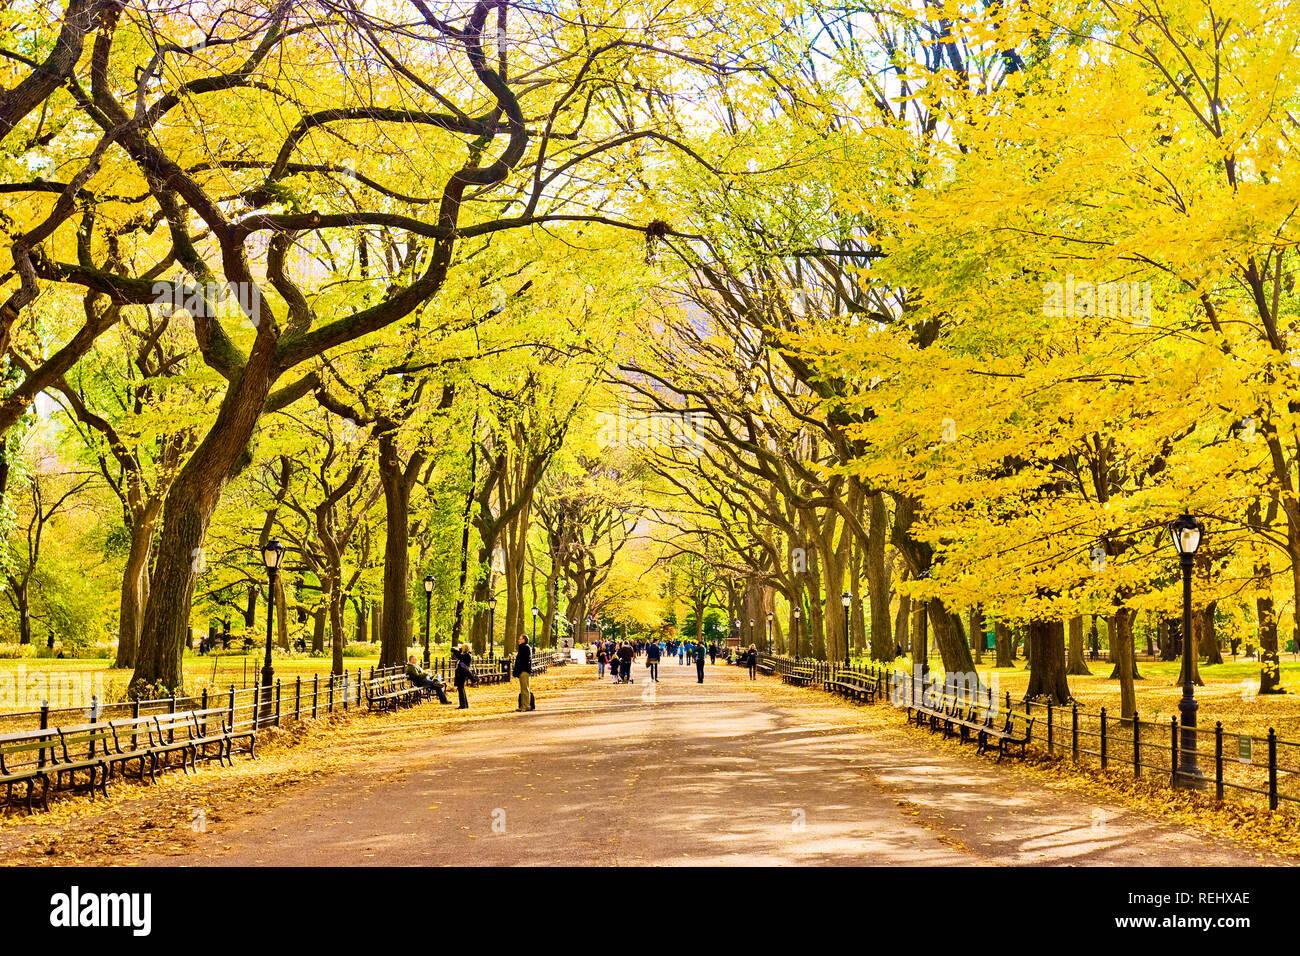 El Mall, el Parque Central de la ciudad de Nueva York en otoño Imagen De Stock